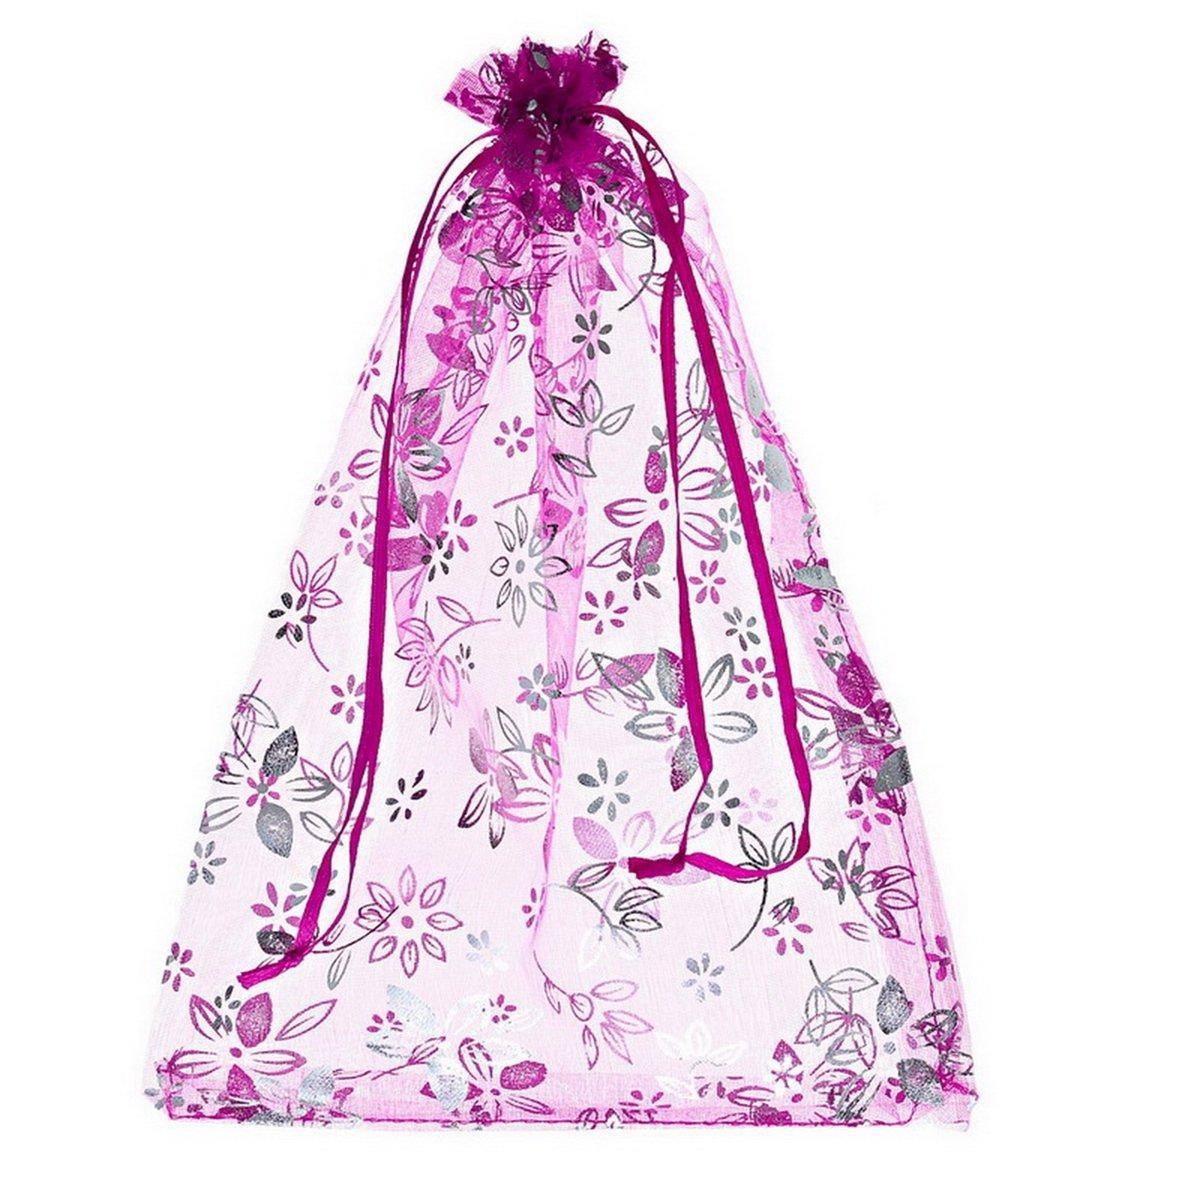 HOUSWEETY Säckli Organzasäckchen Schmuckbeutel Geschenkbeutel Rosa, 17cm x25cm (18cm x25cm) HOUSWEETYB81703